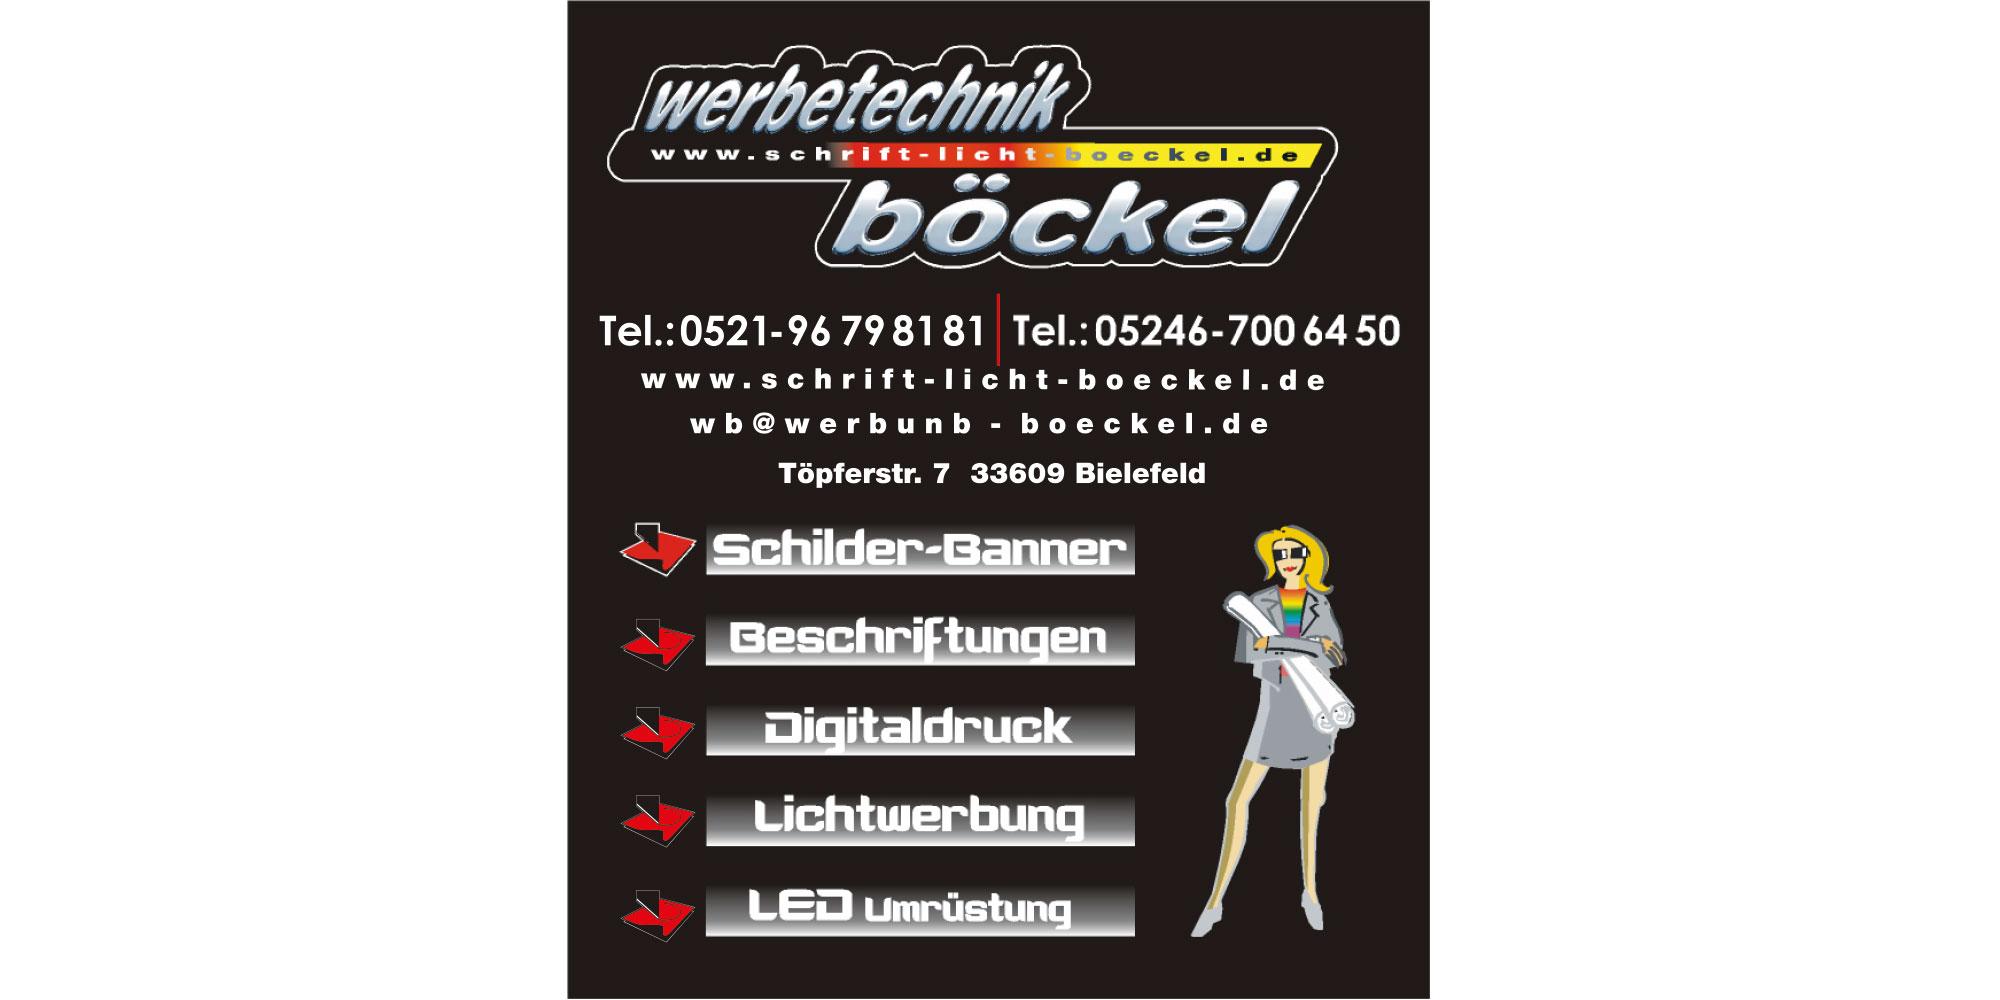 Werbetechnik Böckel